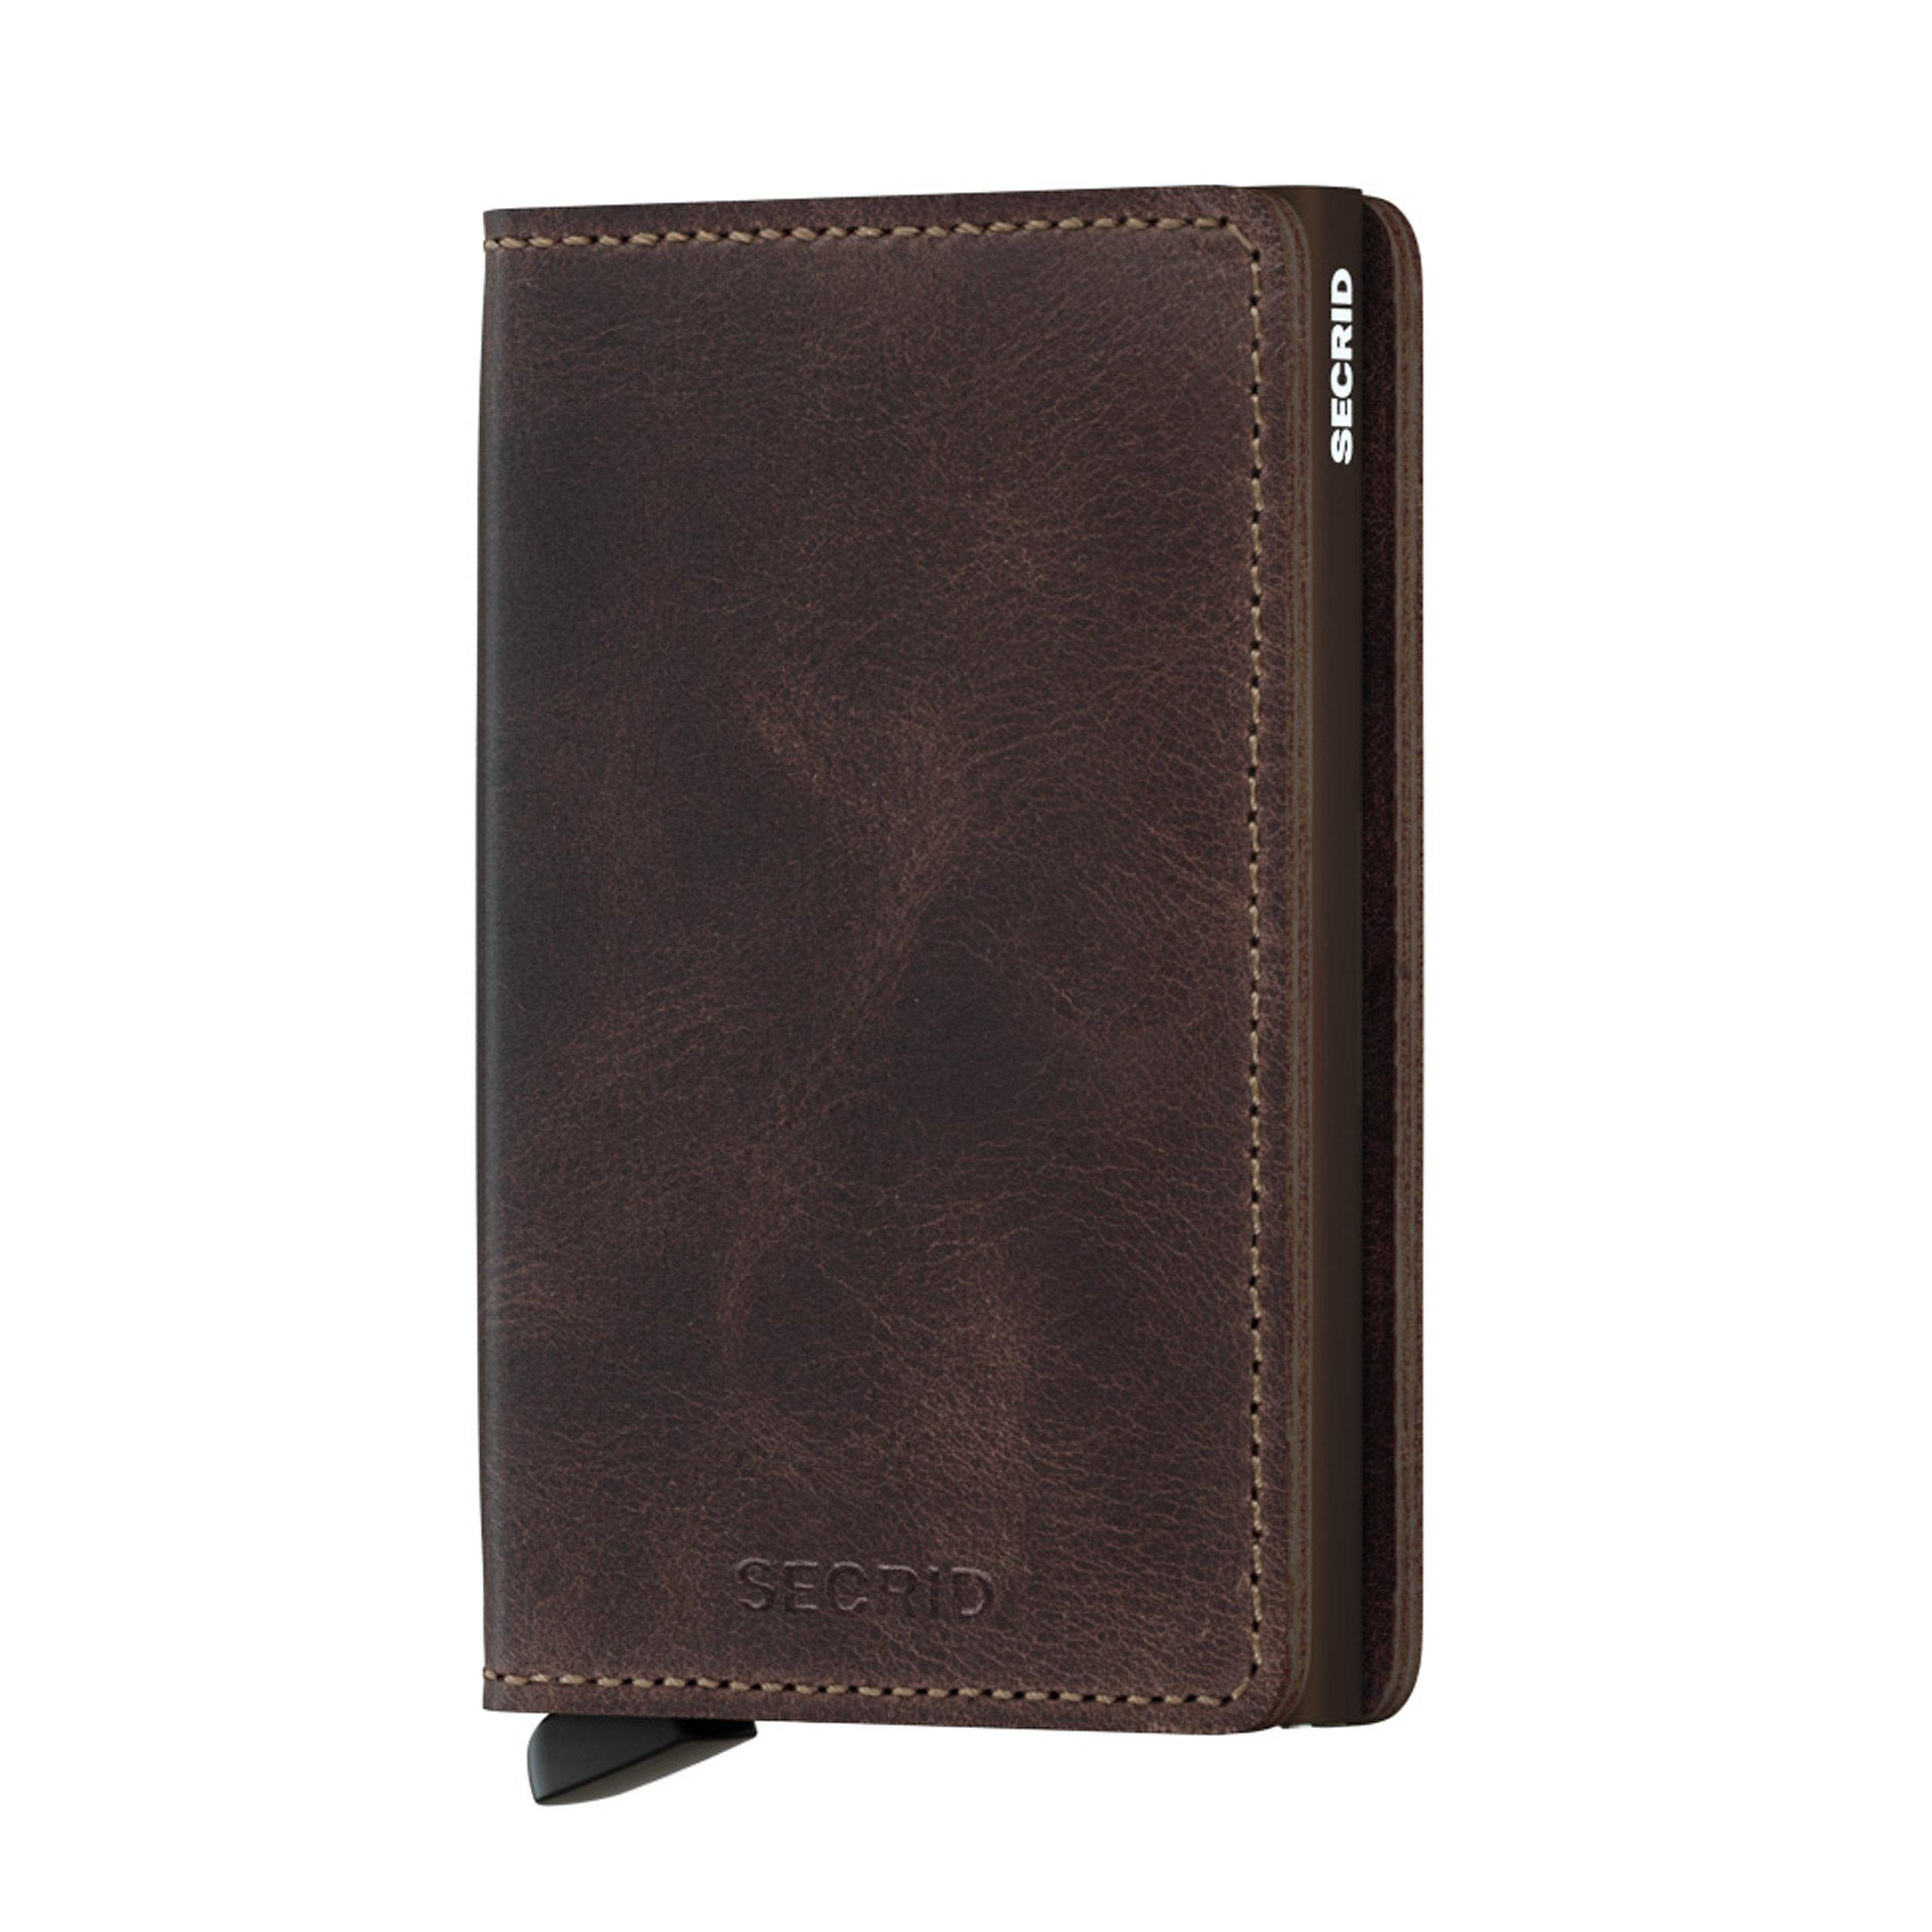 Card Holder Slimwallet RFID